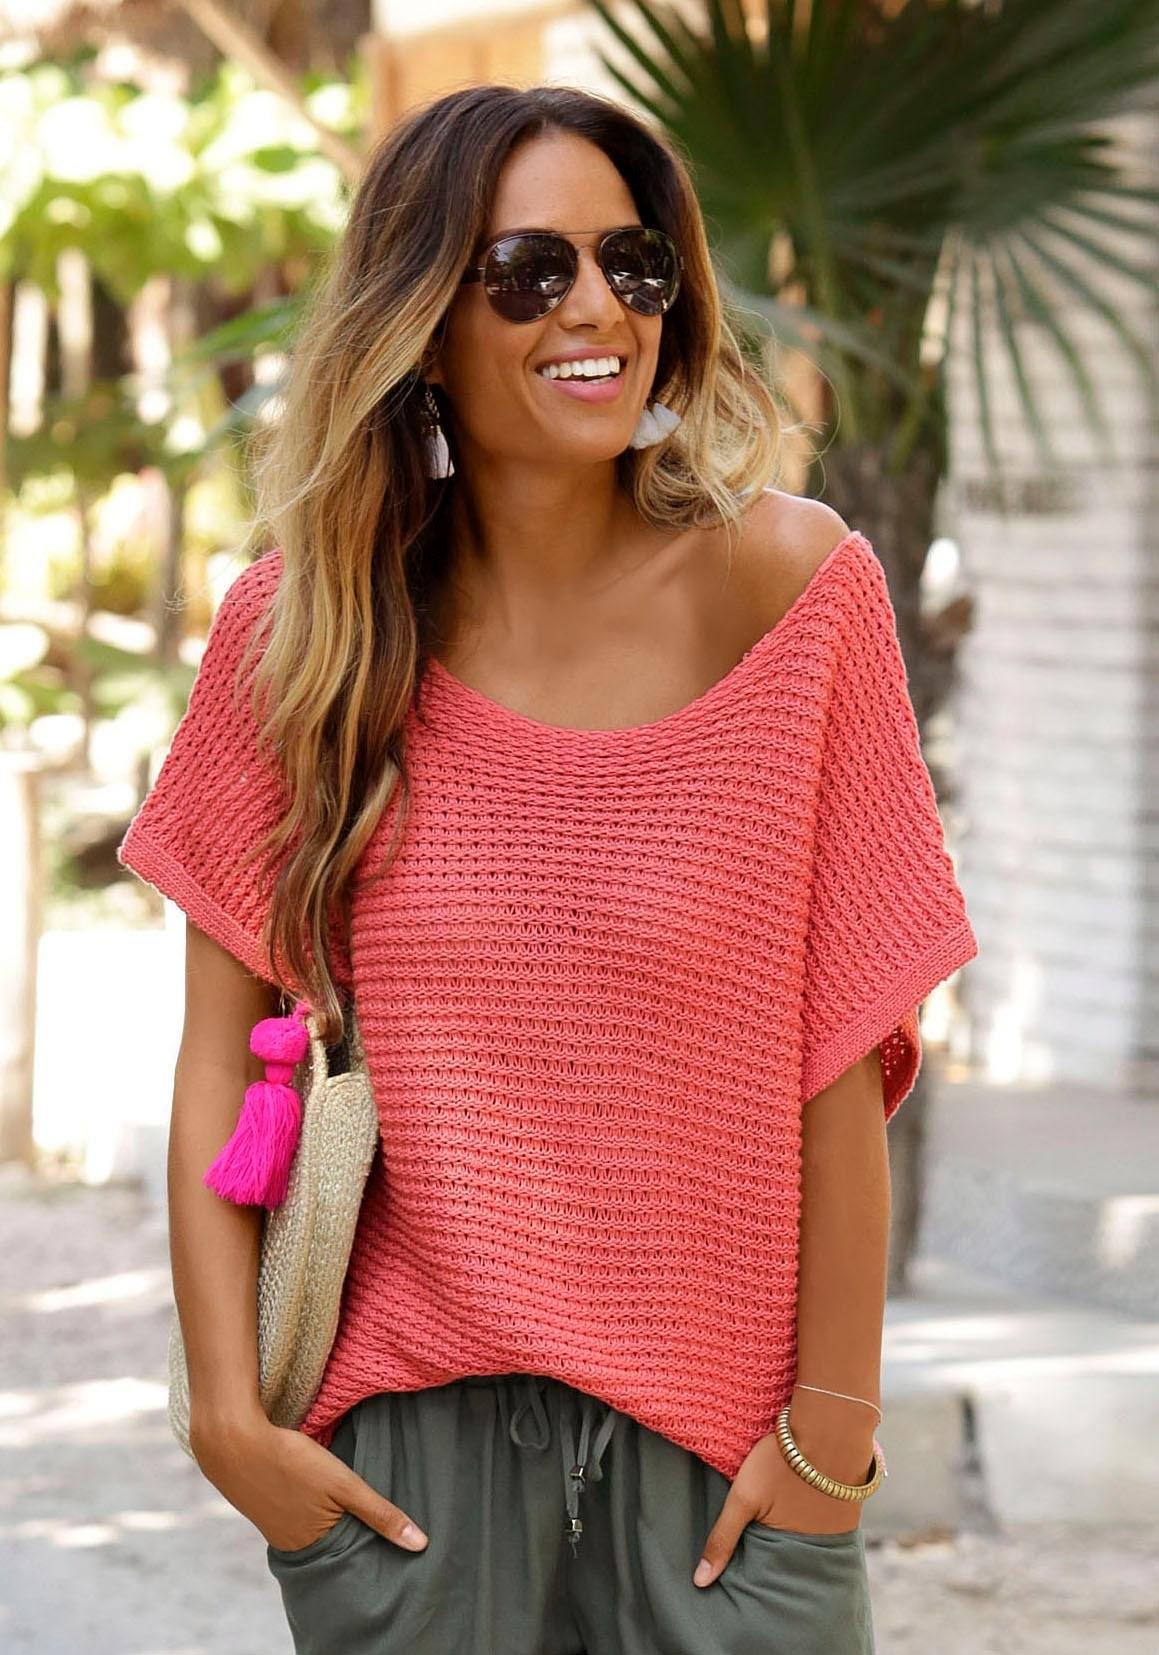 LASCANA trui met korte mouwen bij Lascana online kopen